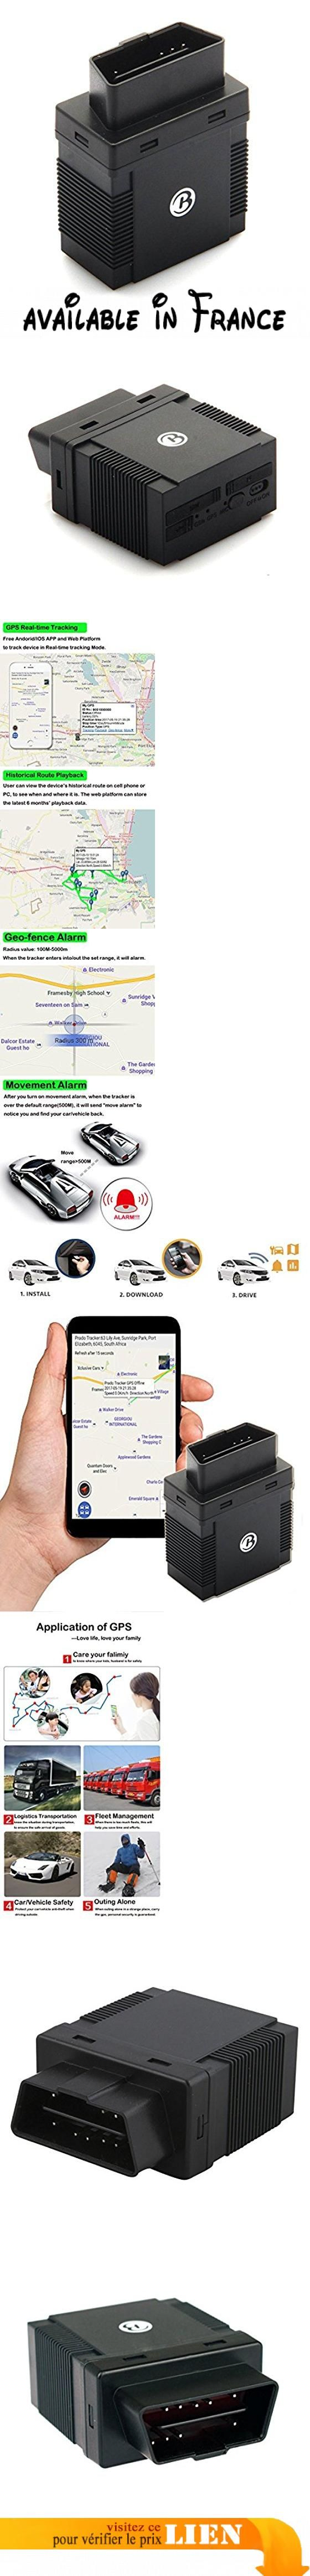 Tkstar, GPS Tracker, véhicule de voiture tracker GPS/GSM/GPRS, EN temps réel GPS Tracker, suivi GPS. & # x2714; application: suivez tout temps et en tout lieu pour l'emplacement des véhicules (location de voiture, camion, moto, congélateur, bateau, etc) de gestion de flotte -anti-theft et anti-perte. & # x2714; savoir où se trouvent vos véhicules: localiser vos véhicules à tout moment avec le suivi GPS. Recevez des alertes lorsque les véhicules ne sont